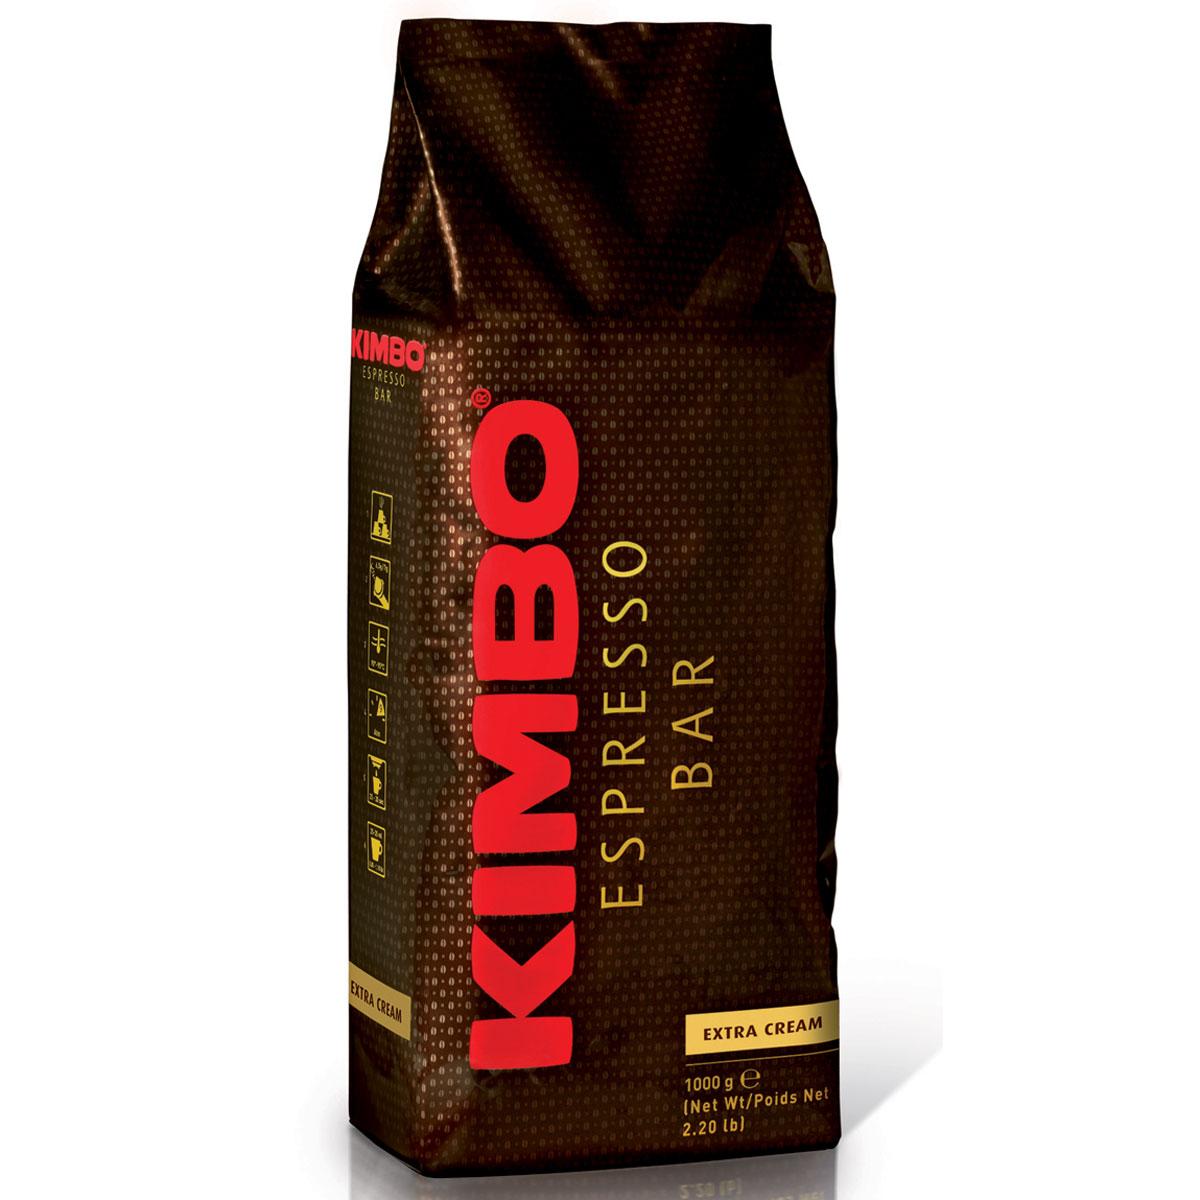 Kimbo Extra Cream кофе в зернах, 1 кг0120710Натуральный жареный кофе в зернах Kimbo Extra Cream. Это результат тщательного отбора кофейных зерен. Великолепный баланс сладости и легкой кислинки. Устойчивая пенка и хорошо сбалансированная консистенция придают смеси мягкий вкус. Смесь содержит 80% арабики и 20% робусты.